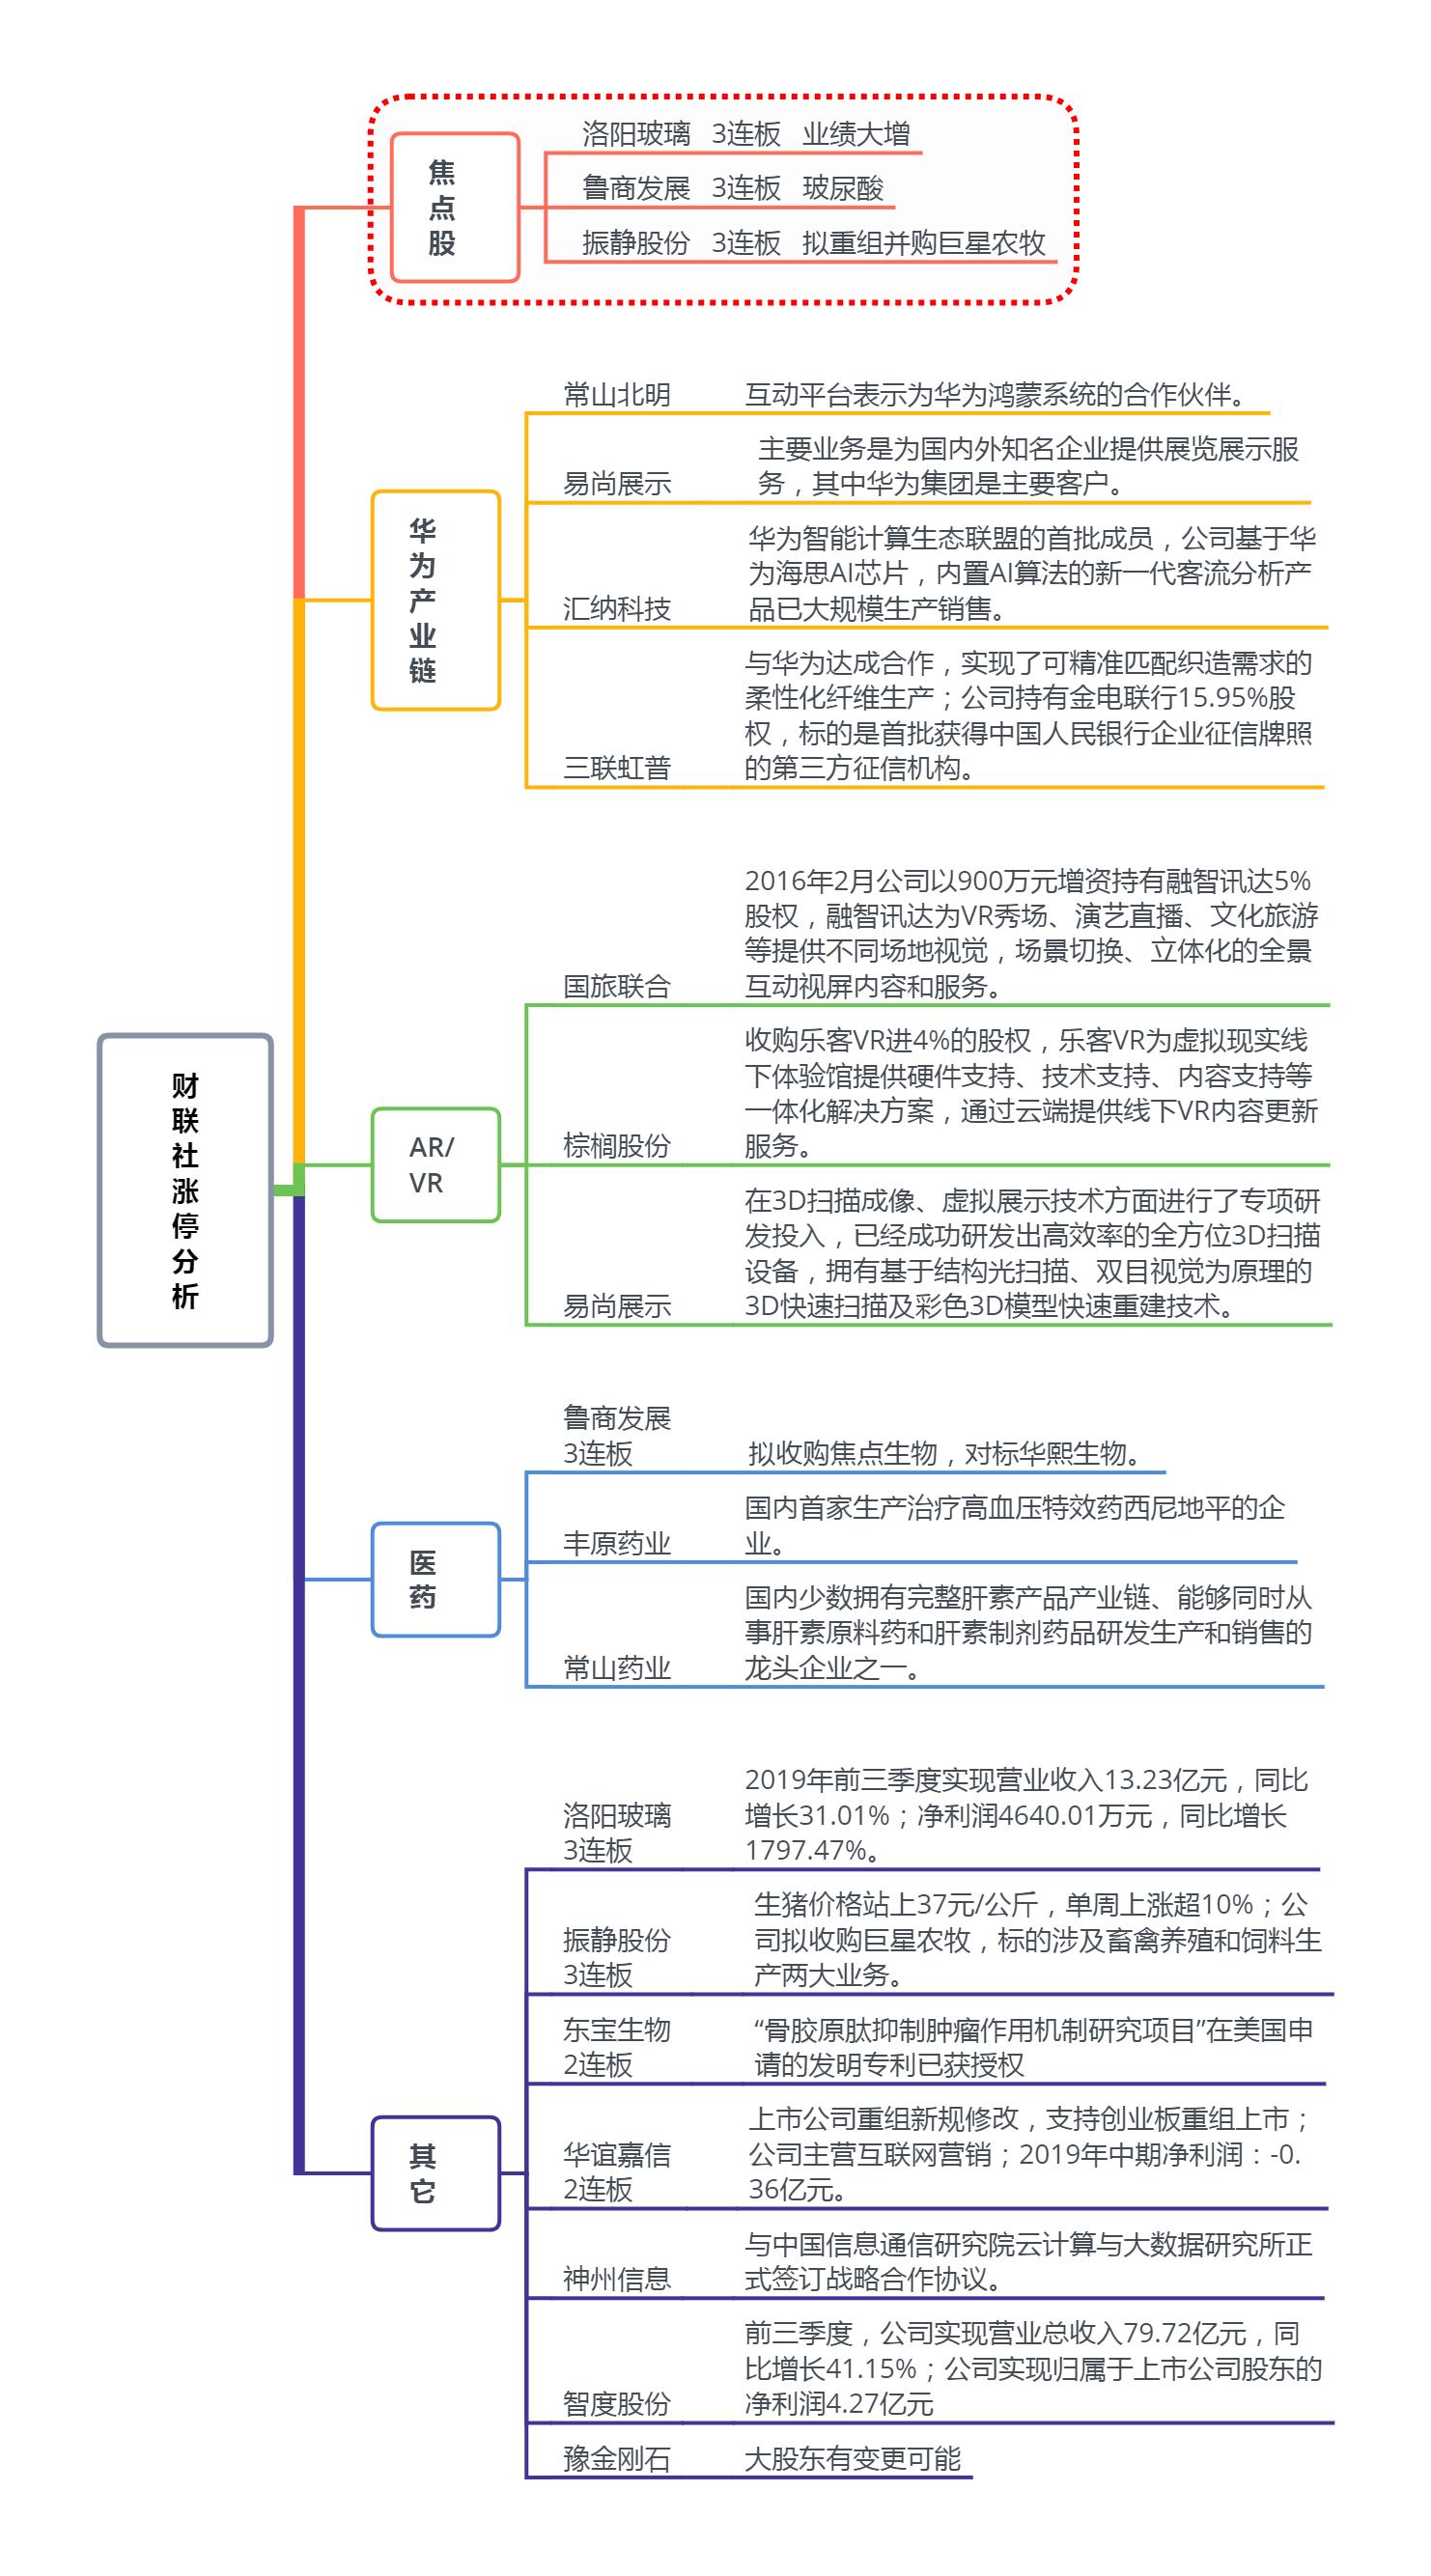 【财联社午报】两市结构性分化 量能低迷反弹受抑